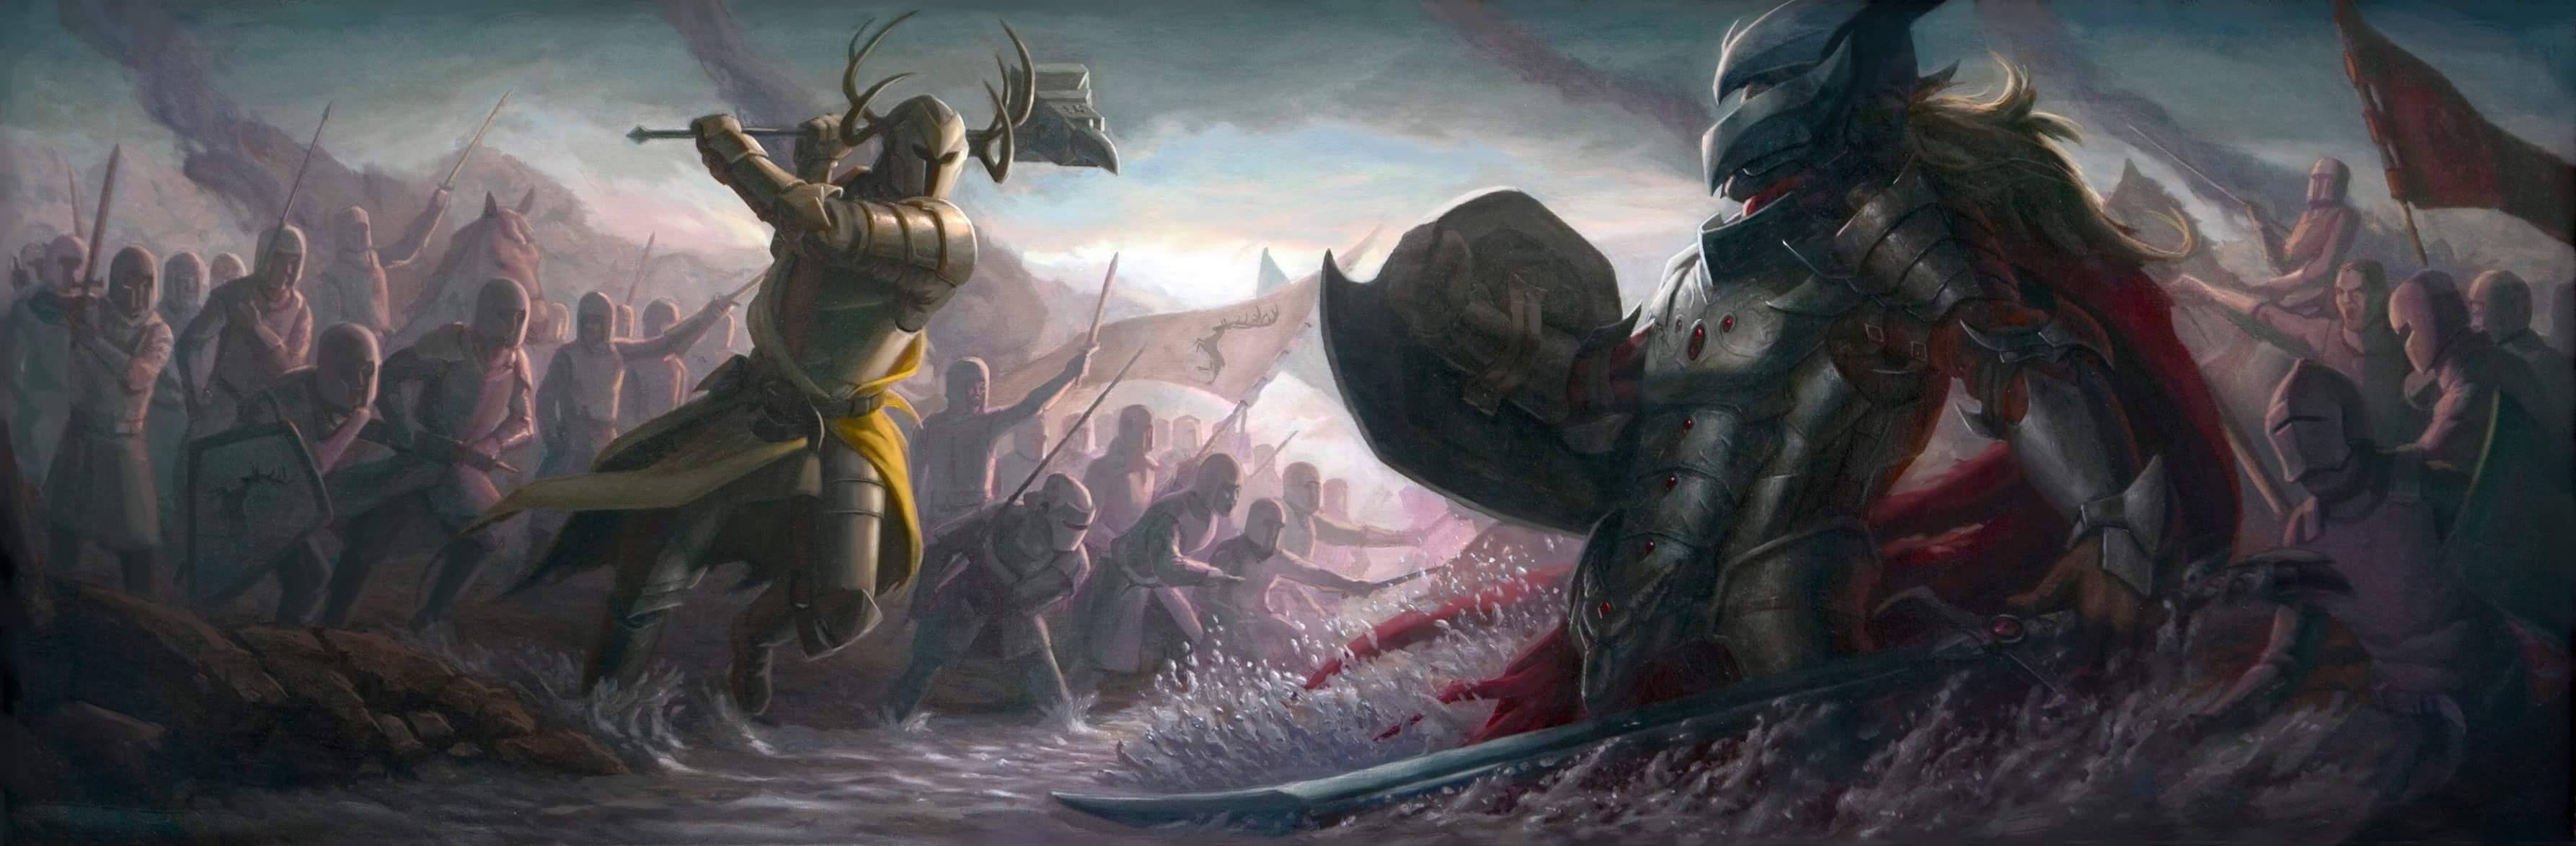 robert baratheon vs rhaegar targaryen